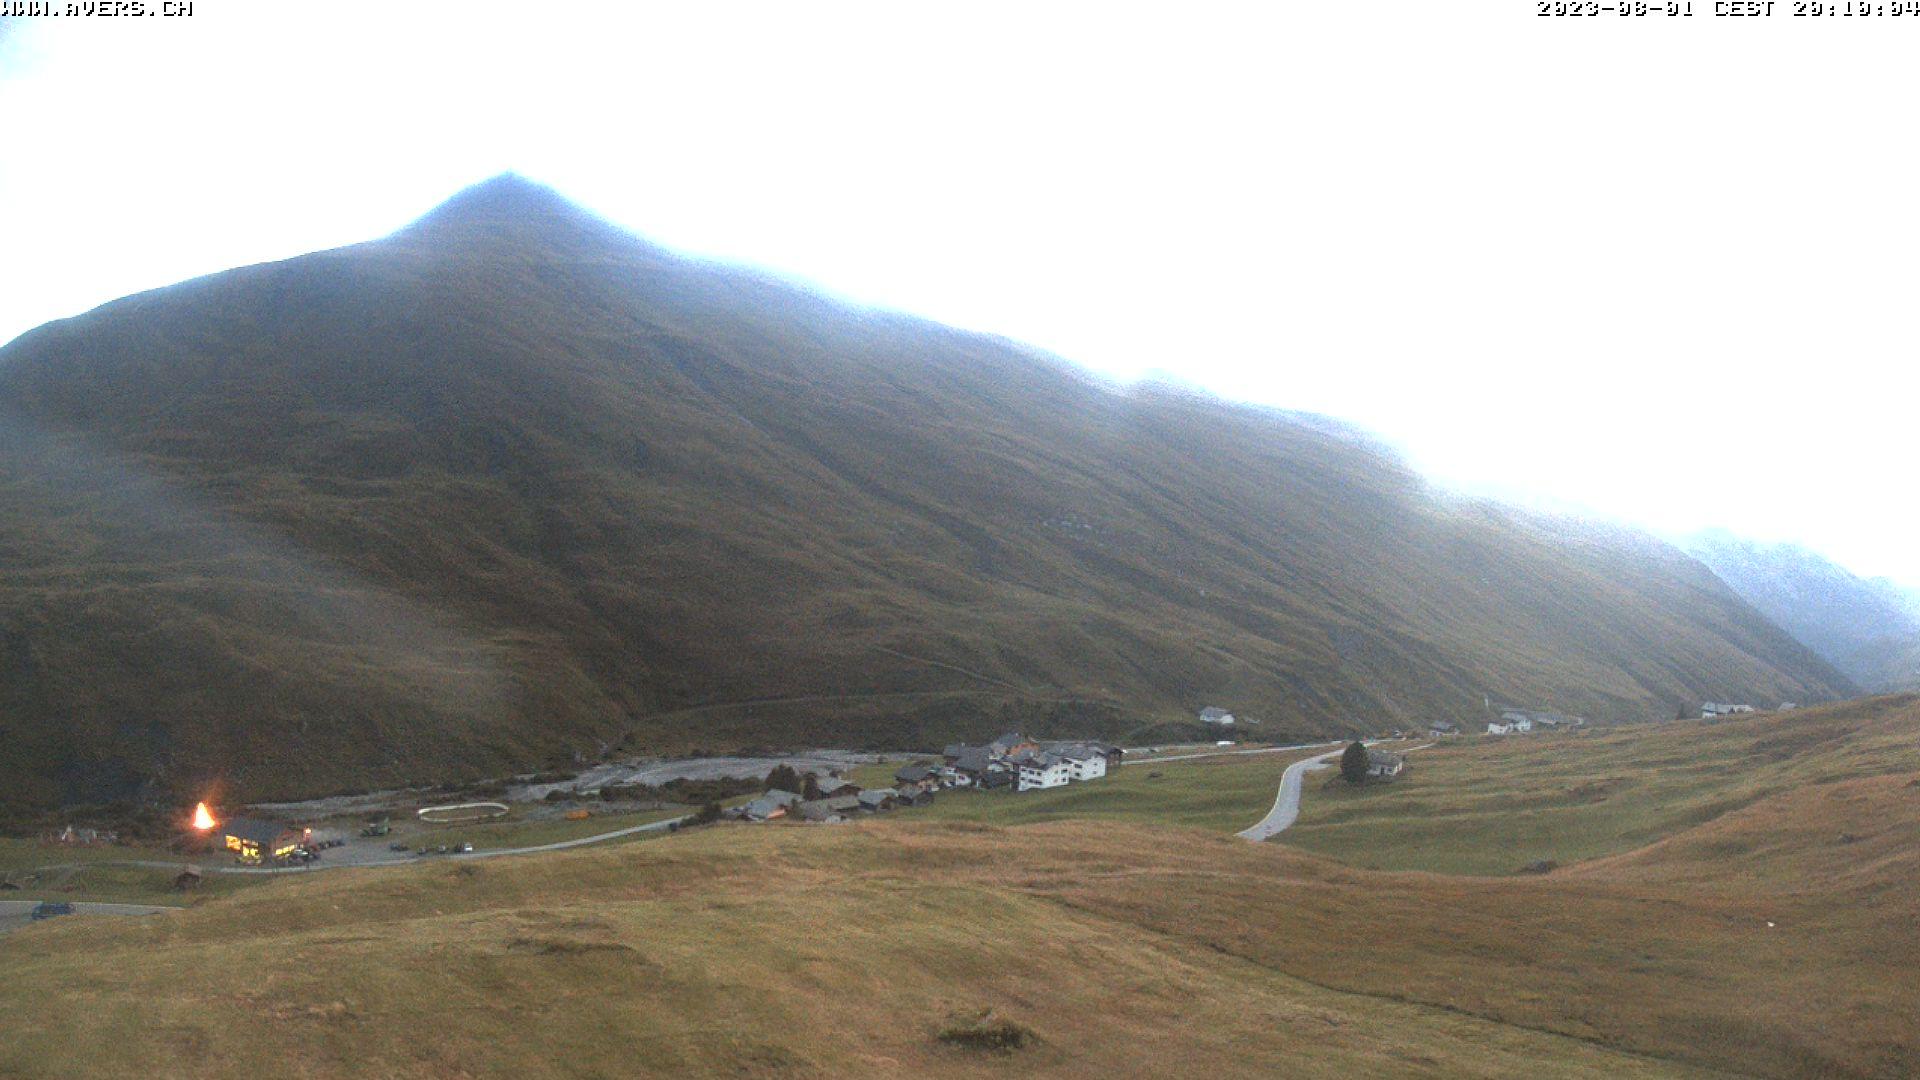 Grossansicht 20h - Avers Skilift Cavetta mit Sicht in die Bregalga.